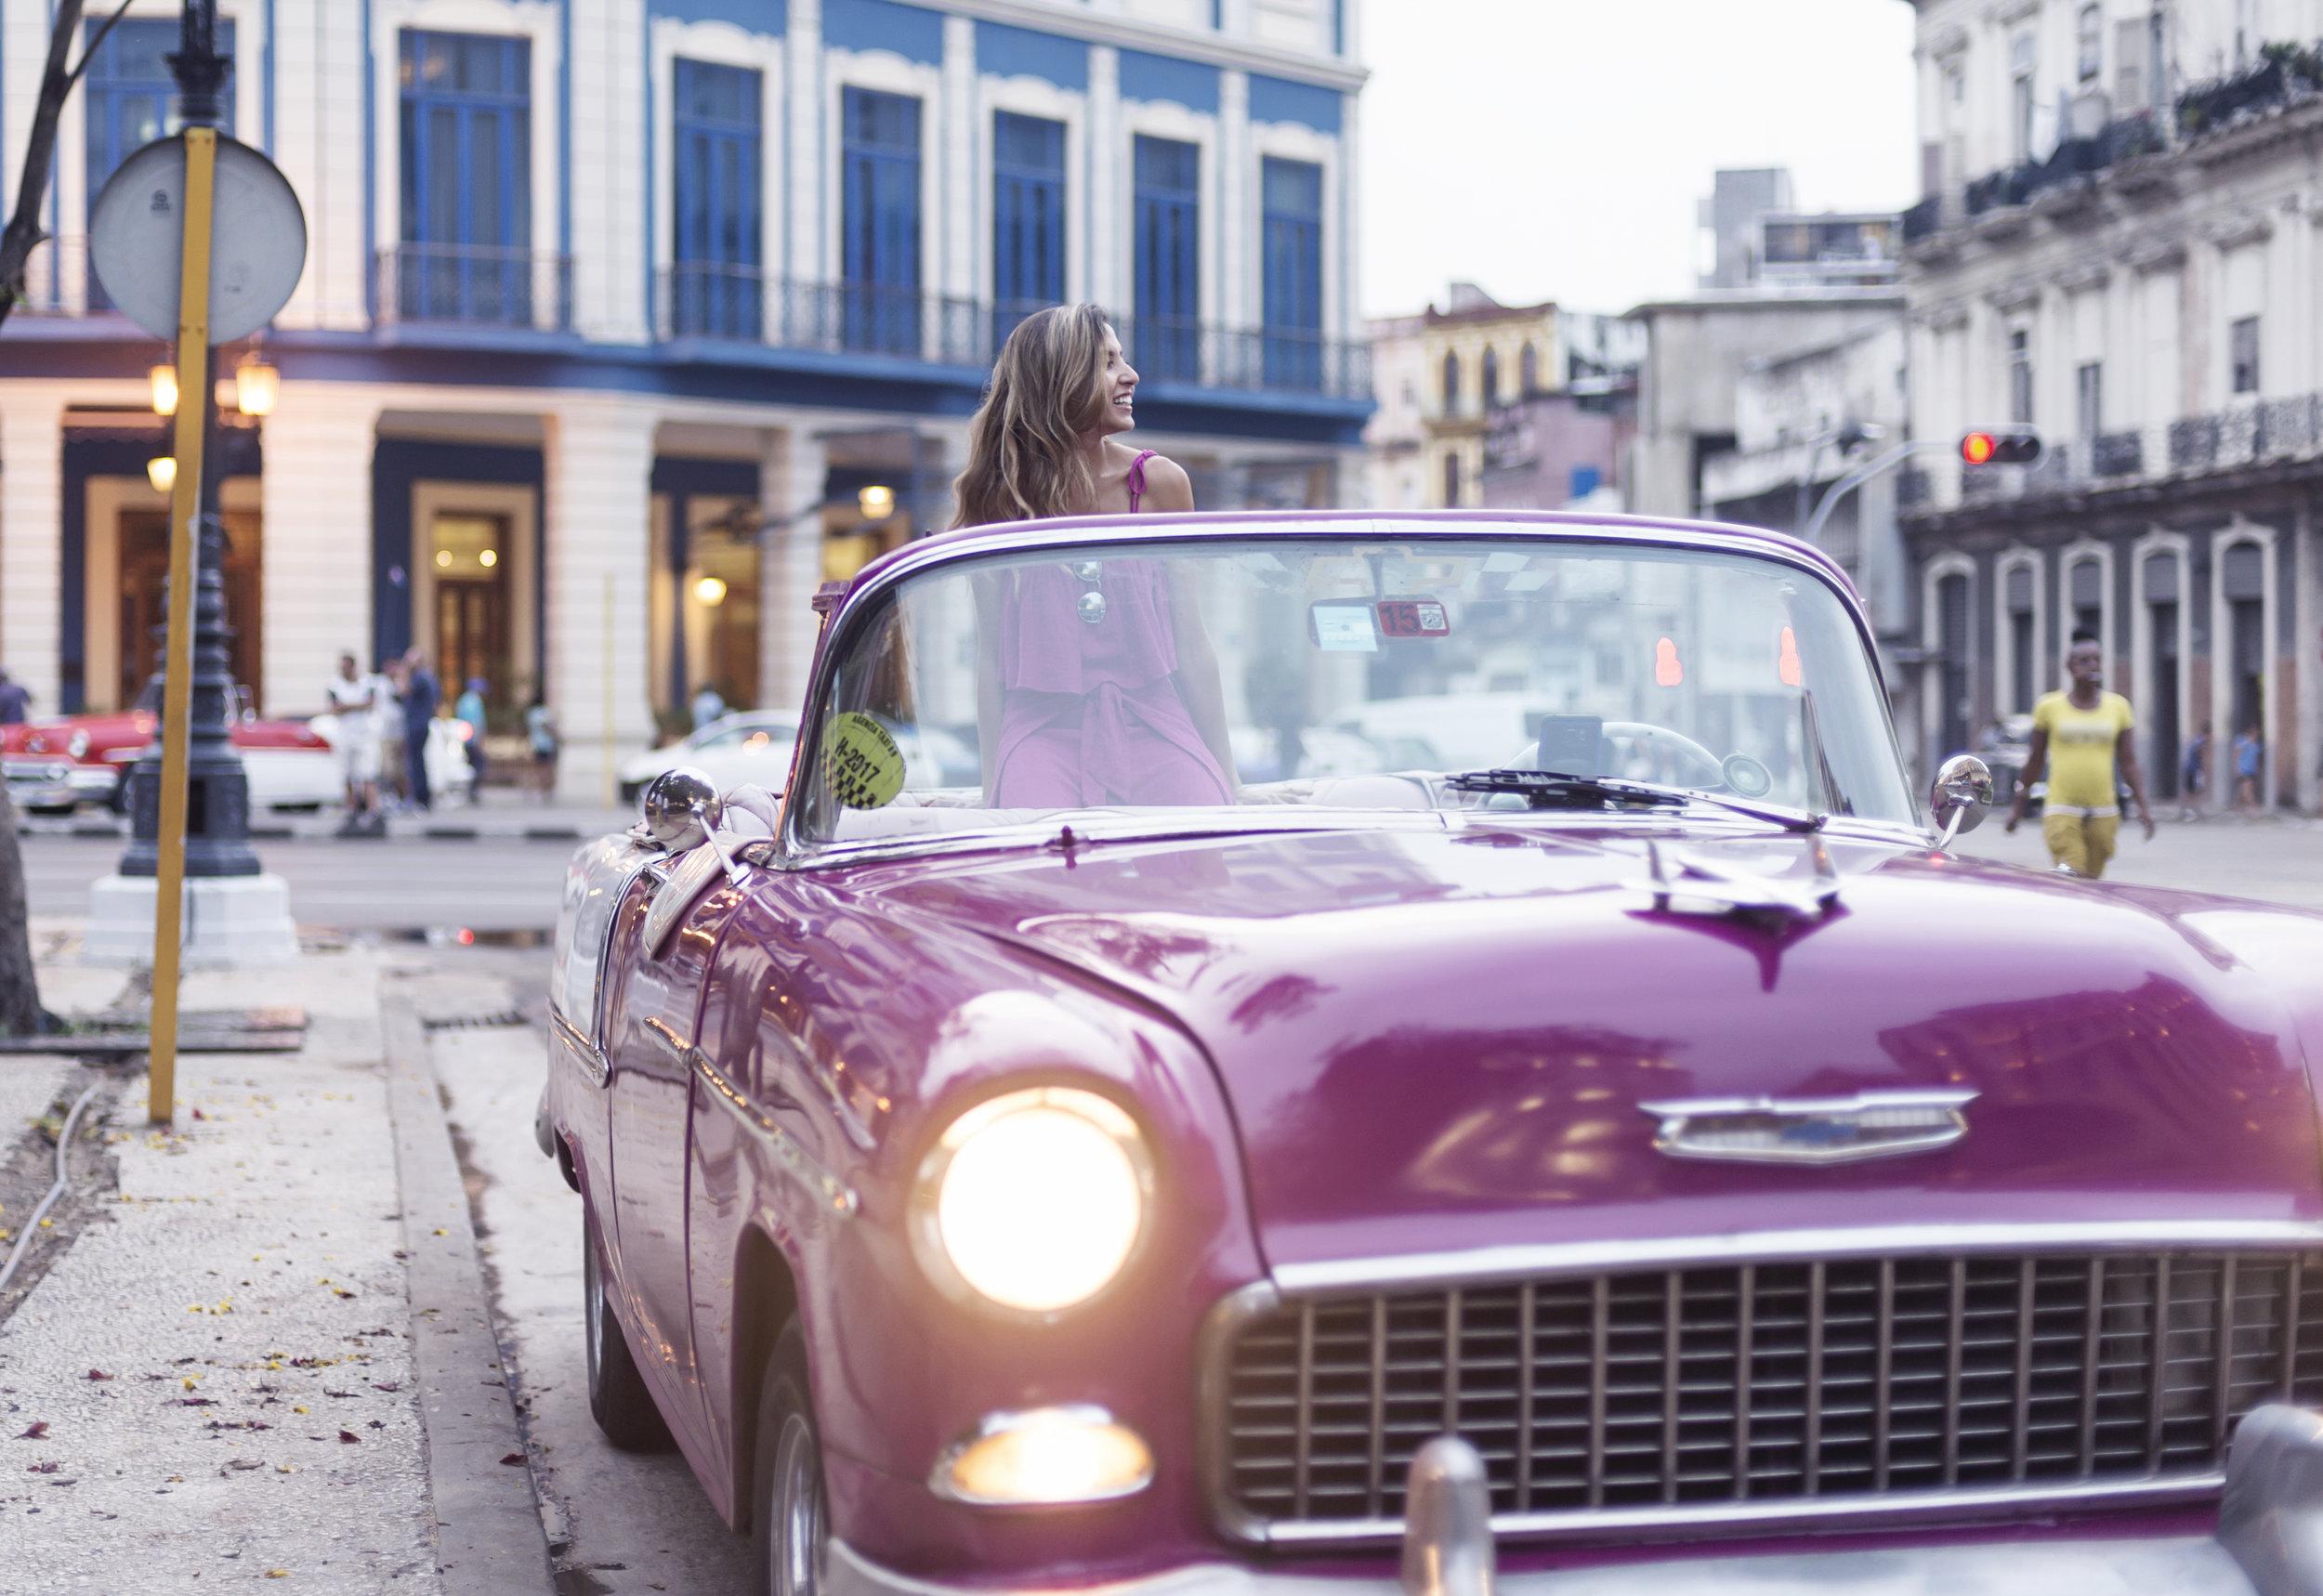 10 Melhores Coisas Para Fazer em Cuba